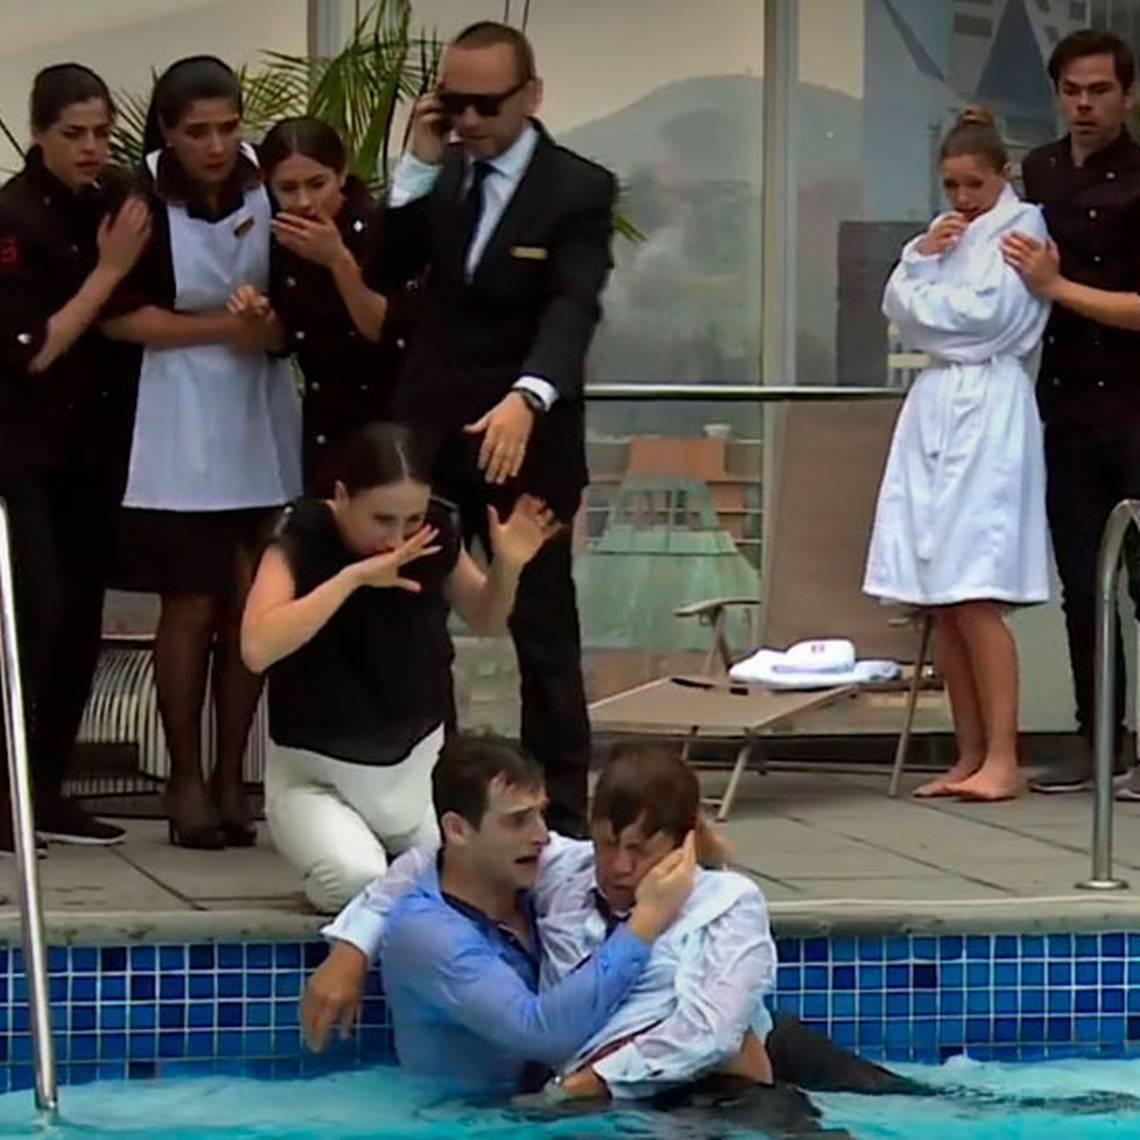 Una muerte despierta nuevas sospechas en el hotel